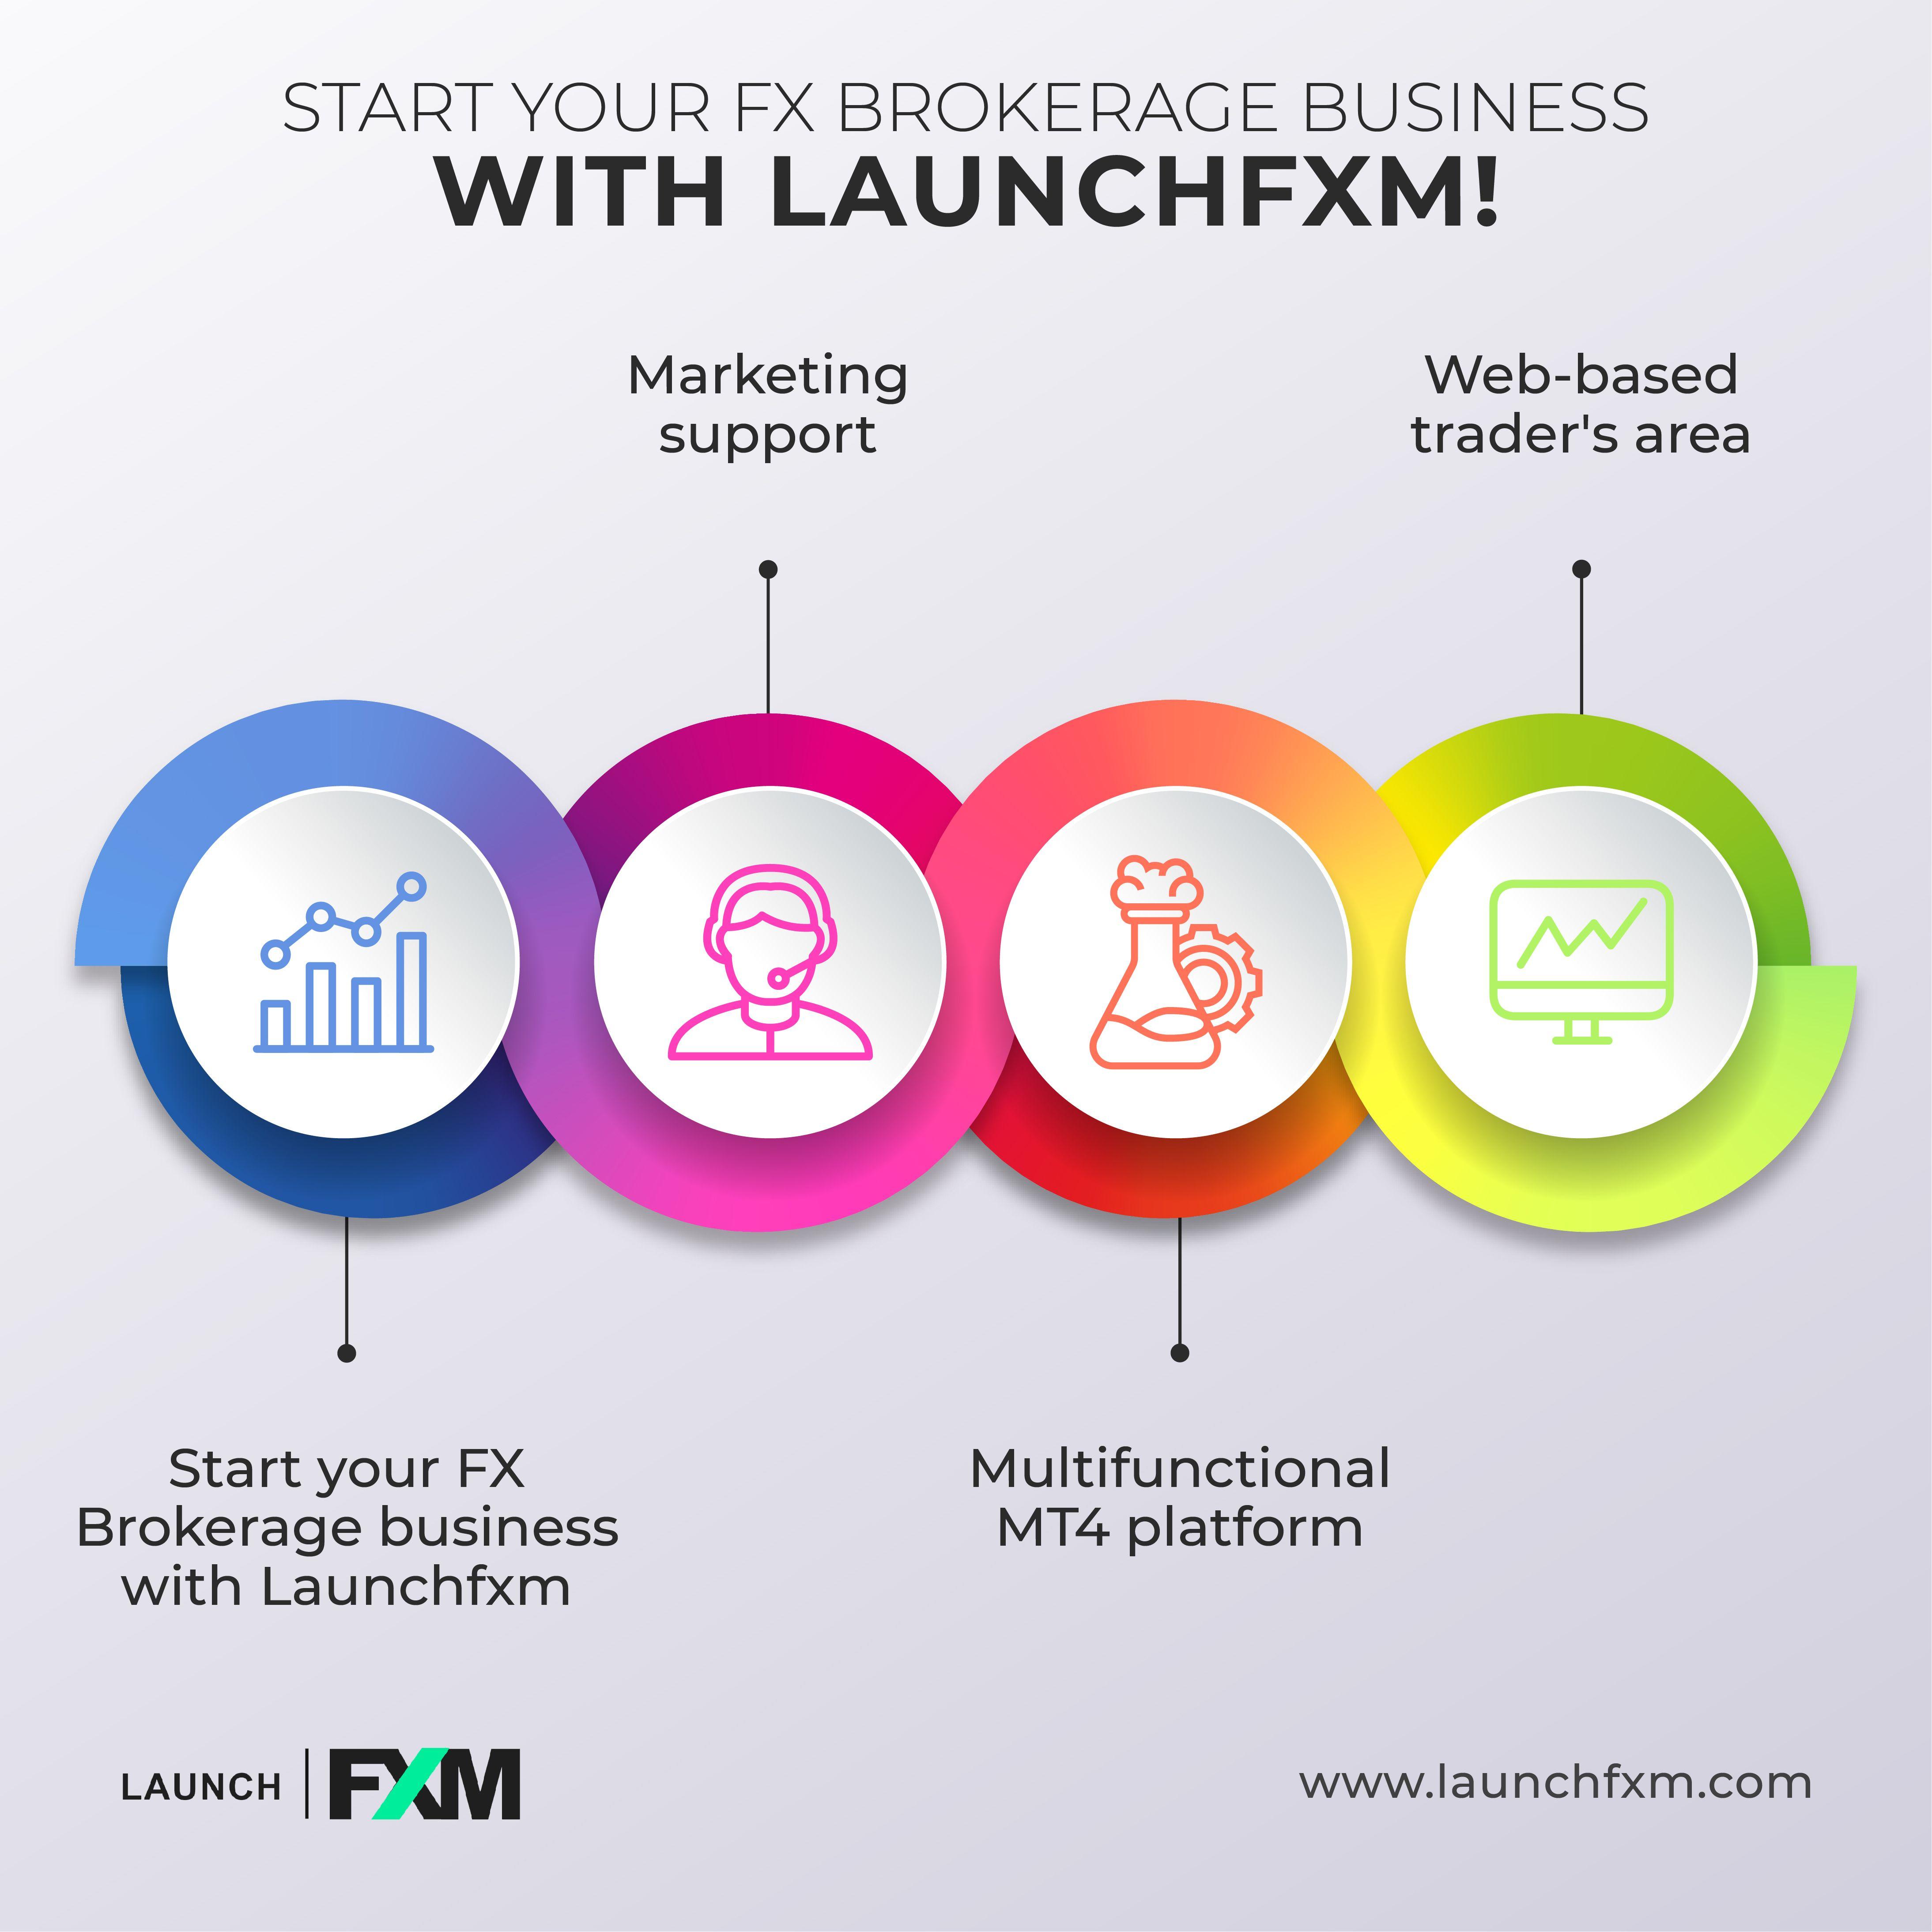 We Provide Marketing Support Multifunctional Mt4 Platform